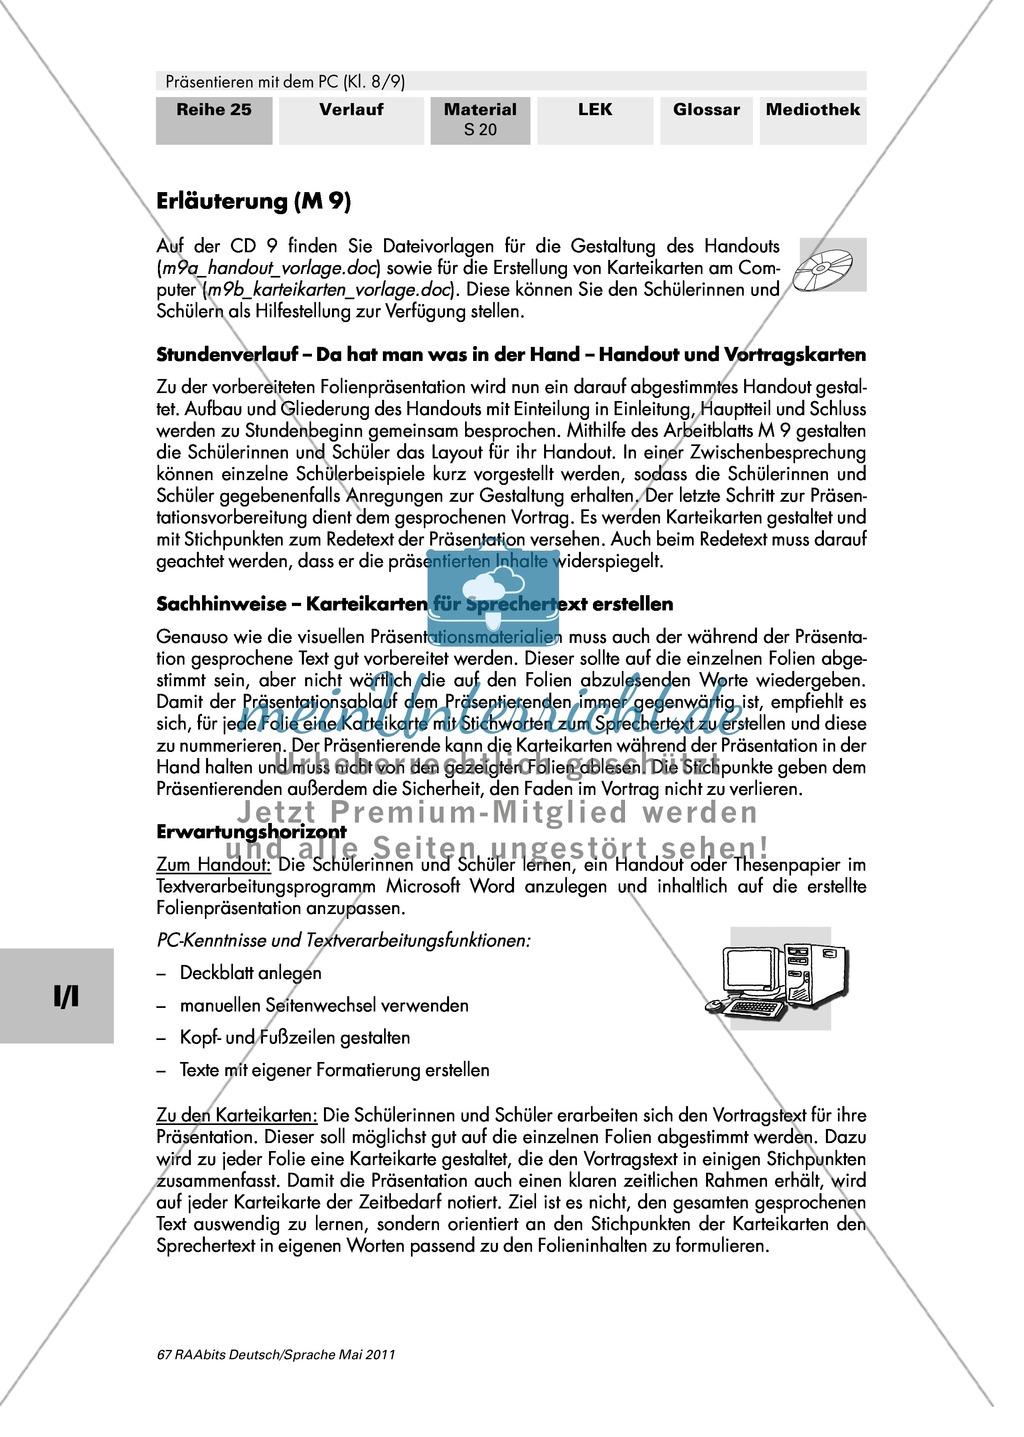 Handout und Vortragskarten erstellen und auf eine Präsentation abstimmen Preview 1